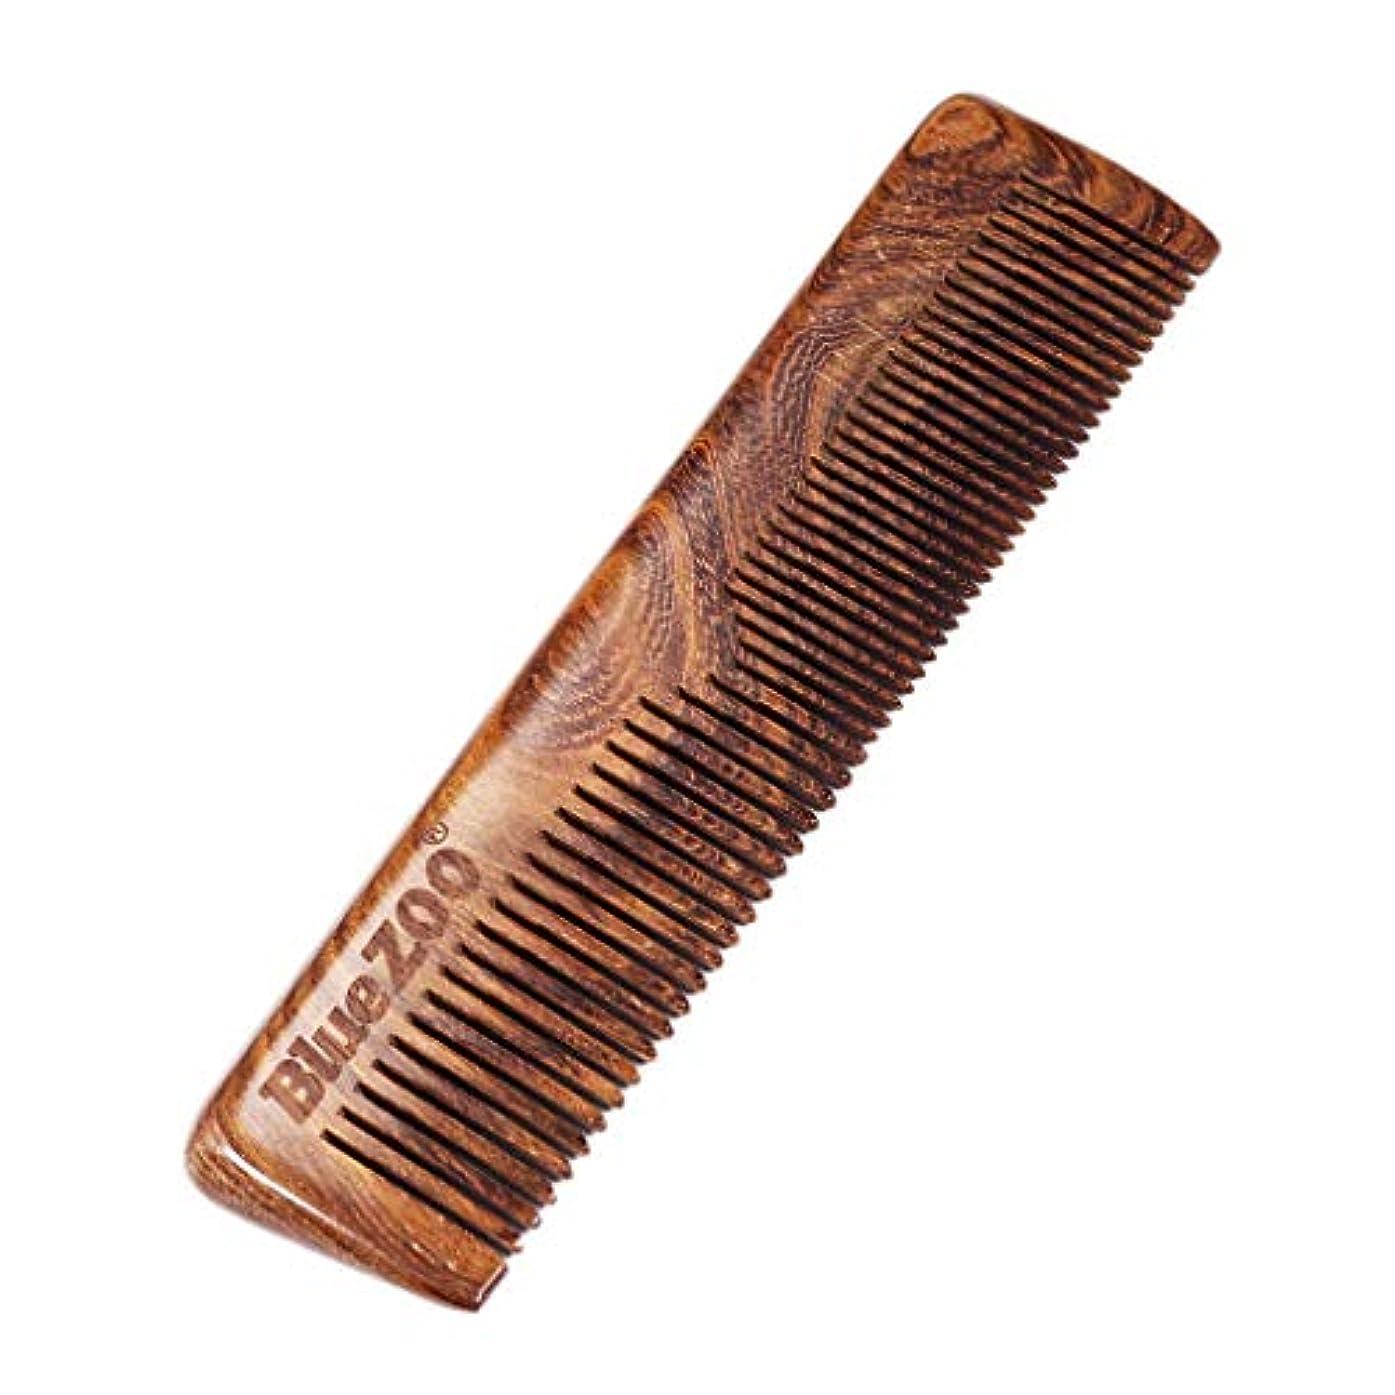 悔い改める支援する影響するP Prettyia ポータブル 木製櫛 ウッドコーム 帯電防止 ビアードコーム プレゼント